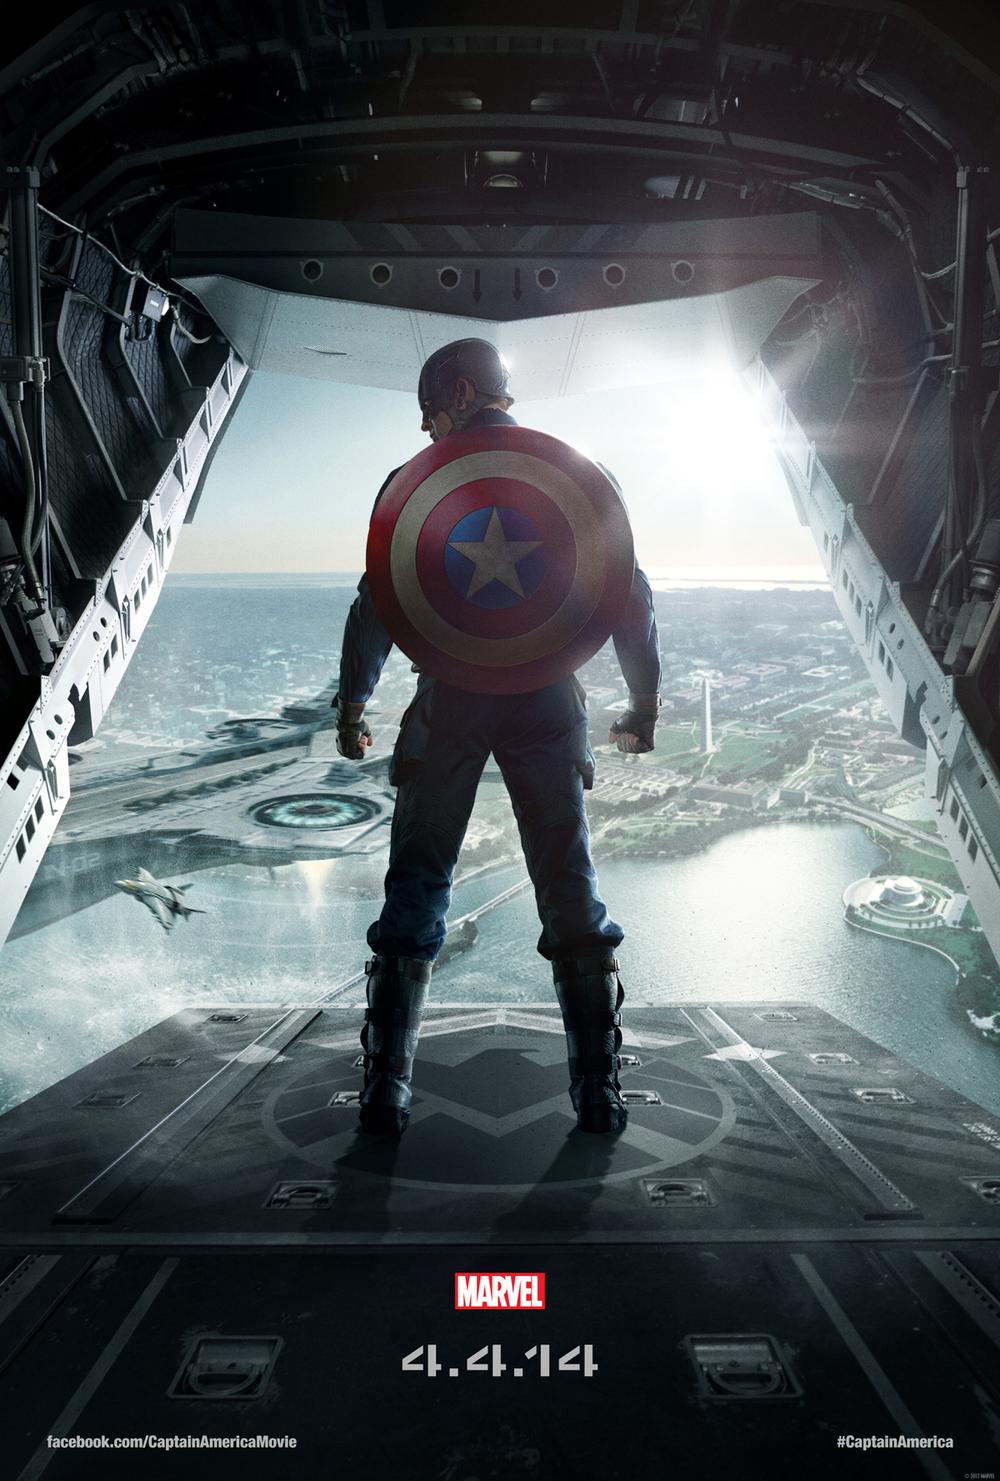 6_captainamerica.jpg